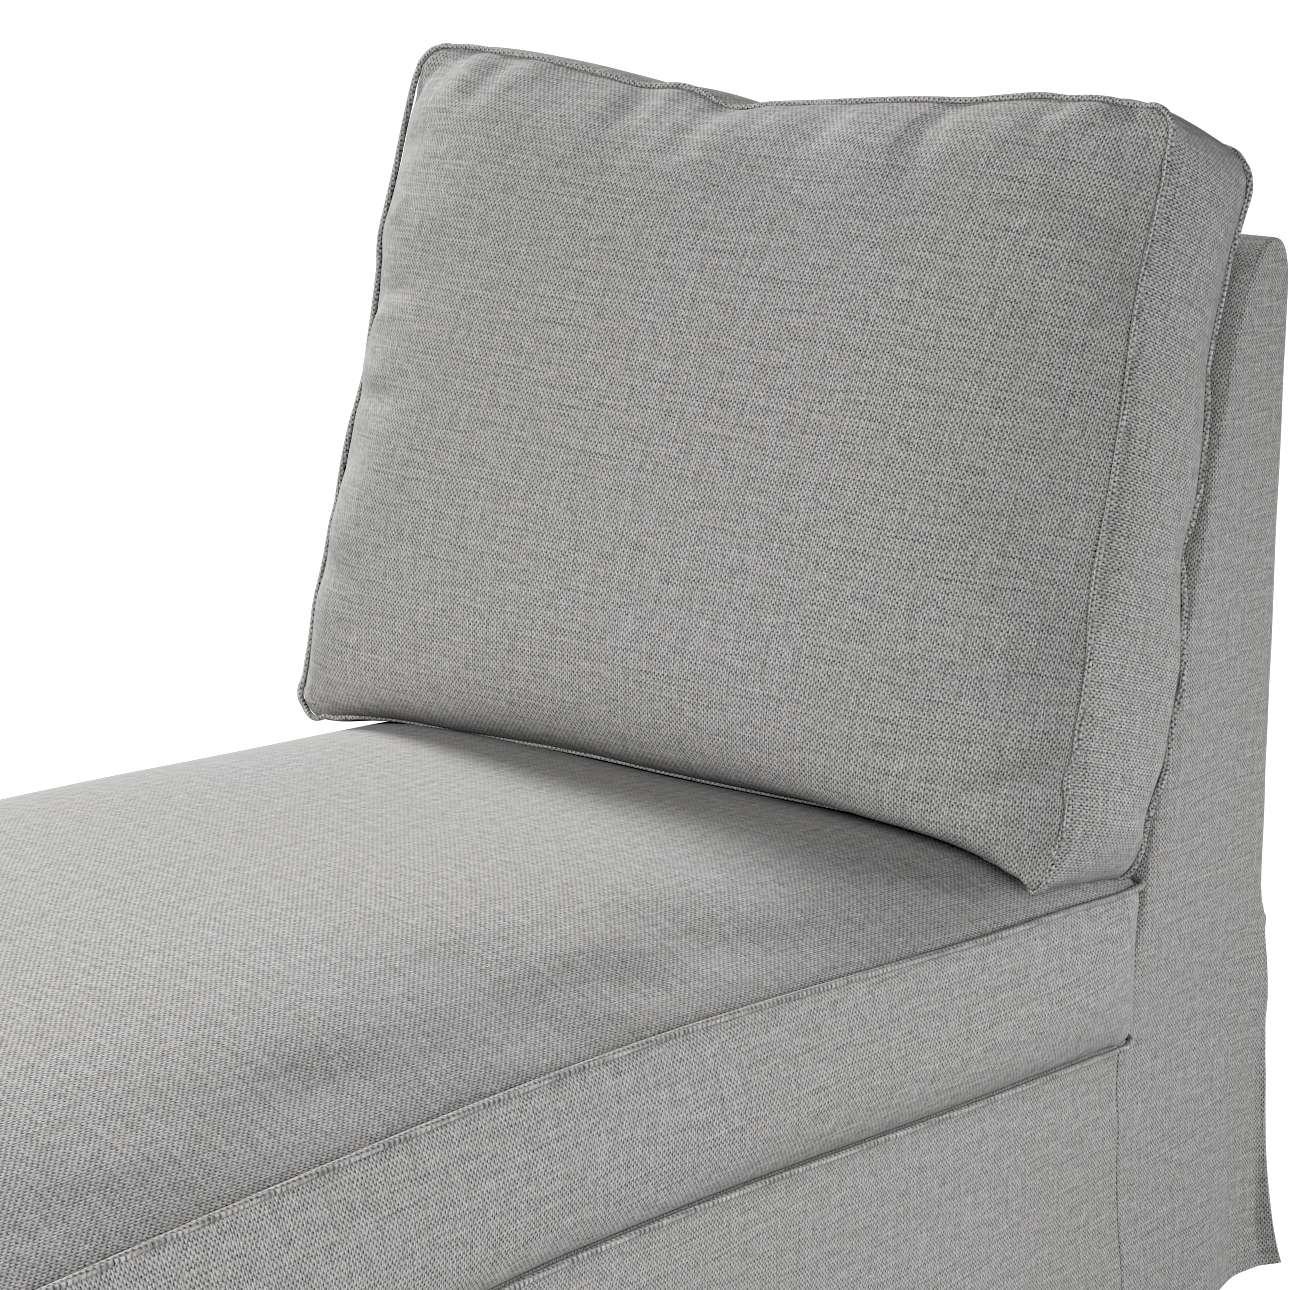 Pokrowiec na szezlong/ leżankę Ektorp wolnostojący prosty tył w kolekcji Living II, tkanina: 160-89